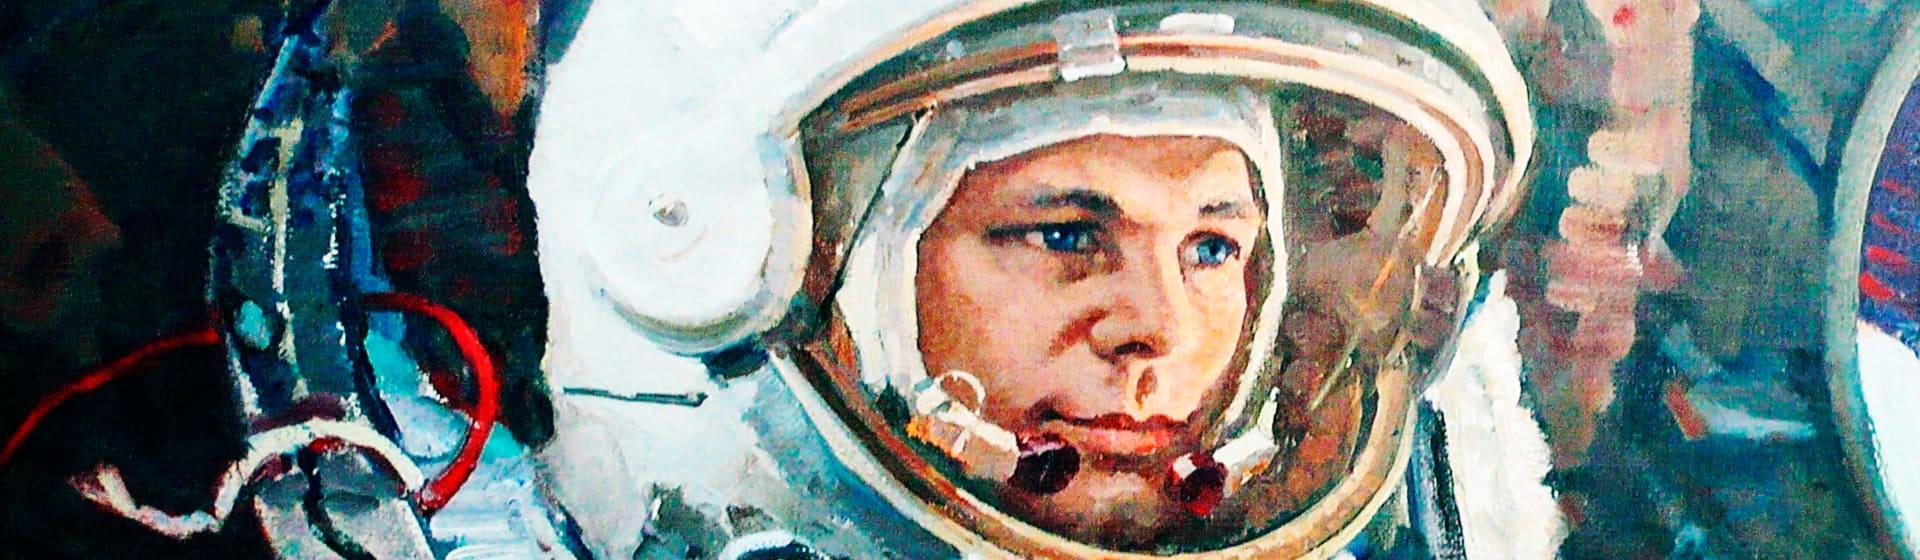 Юрий Гагарин - Мерч и одежда с атрибутикой